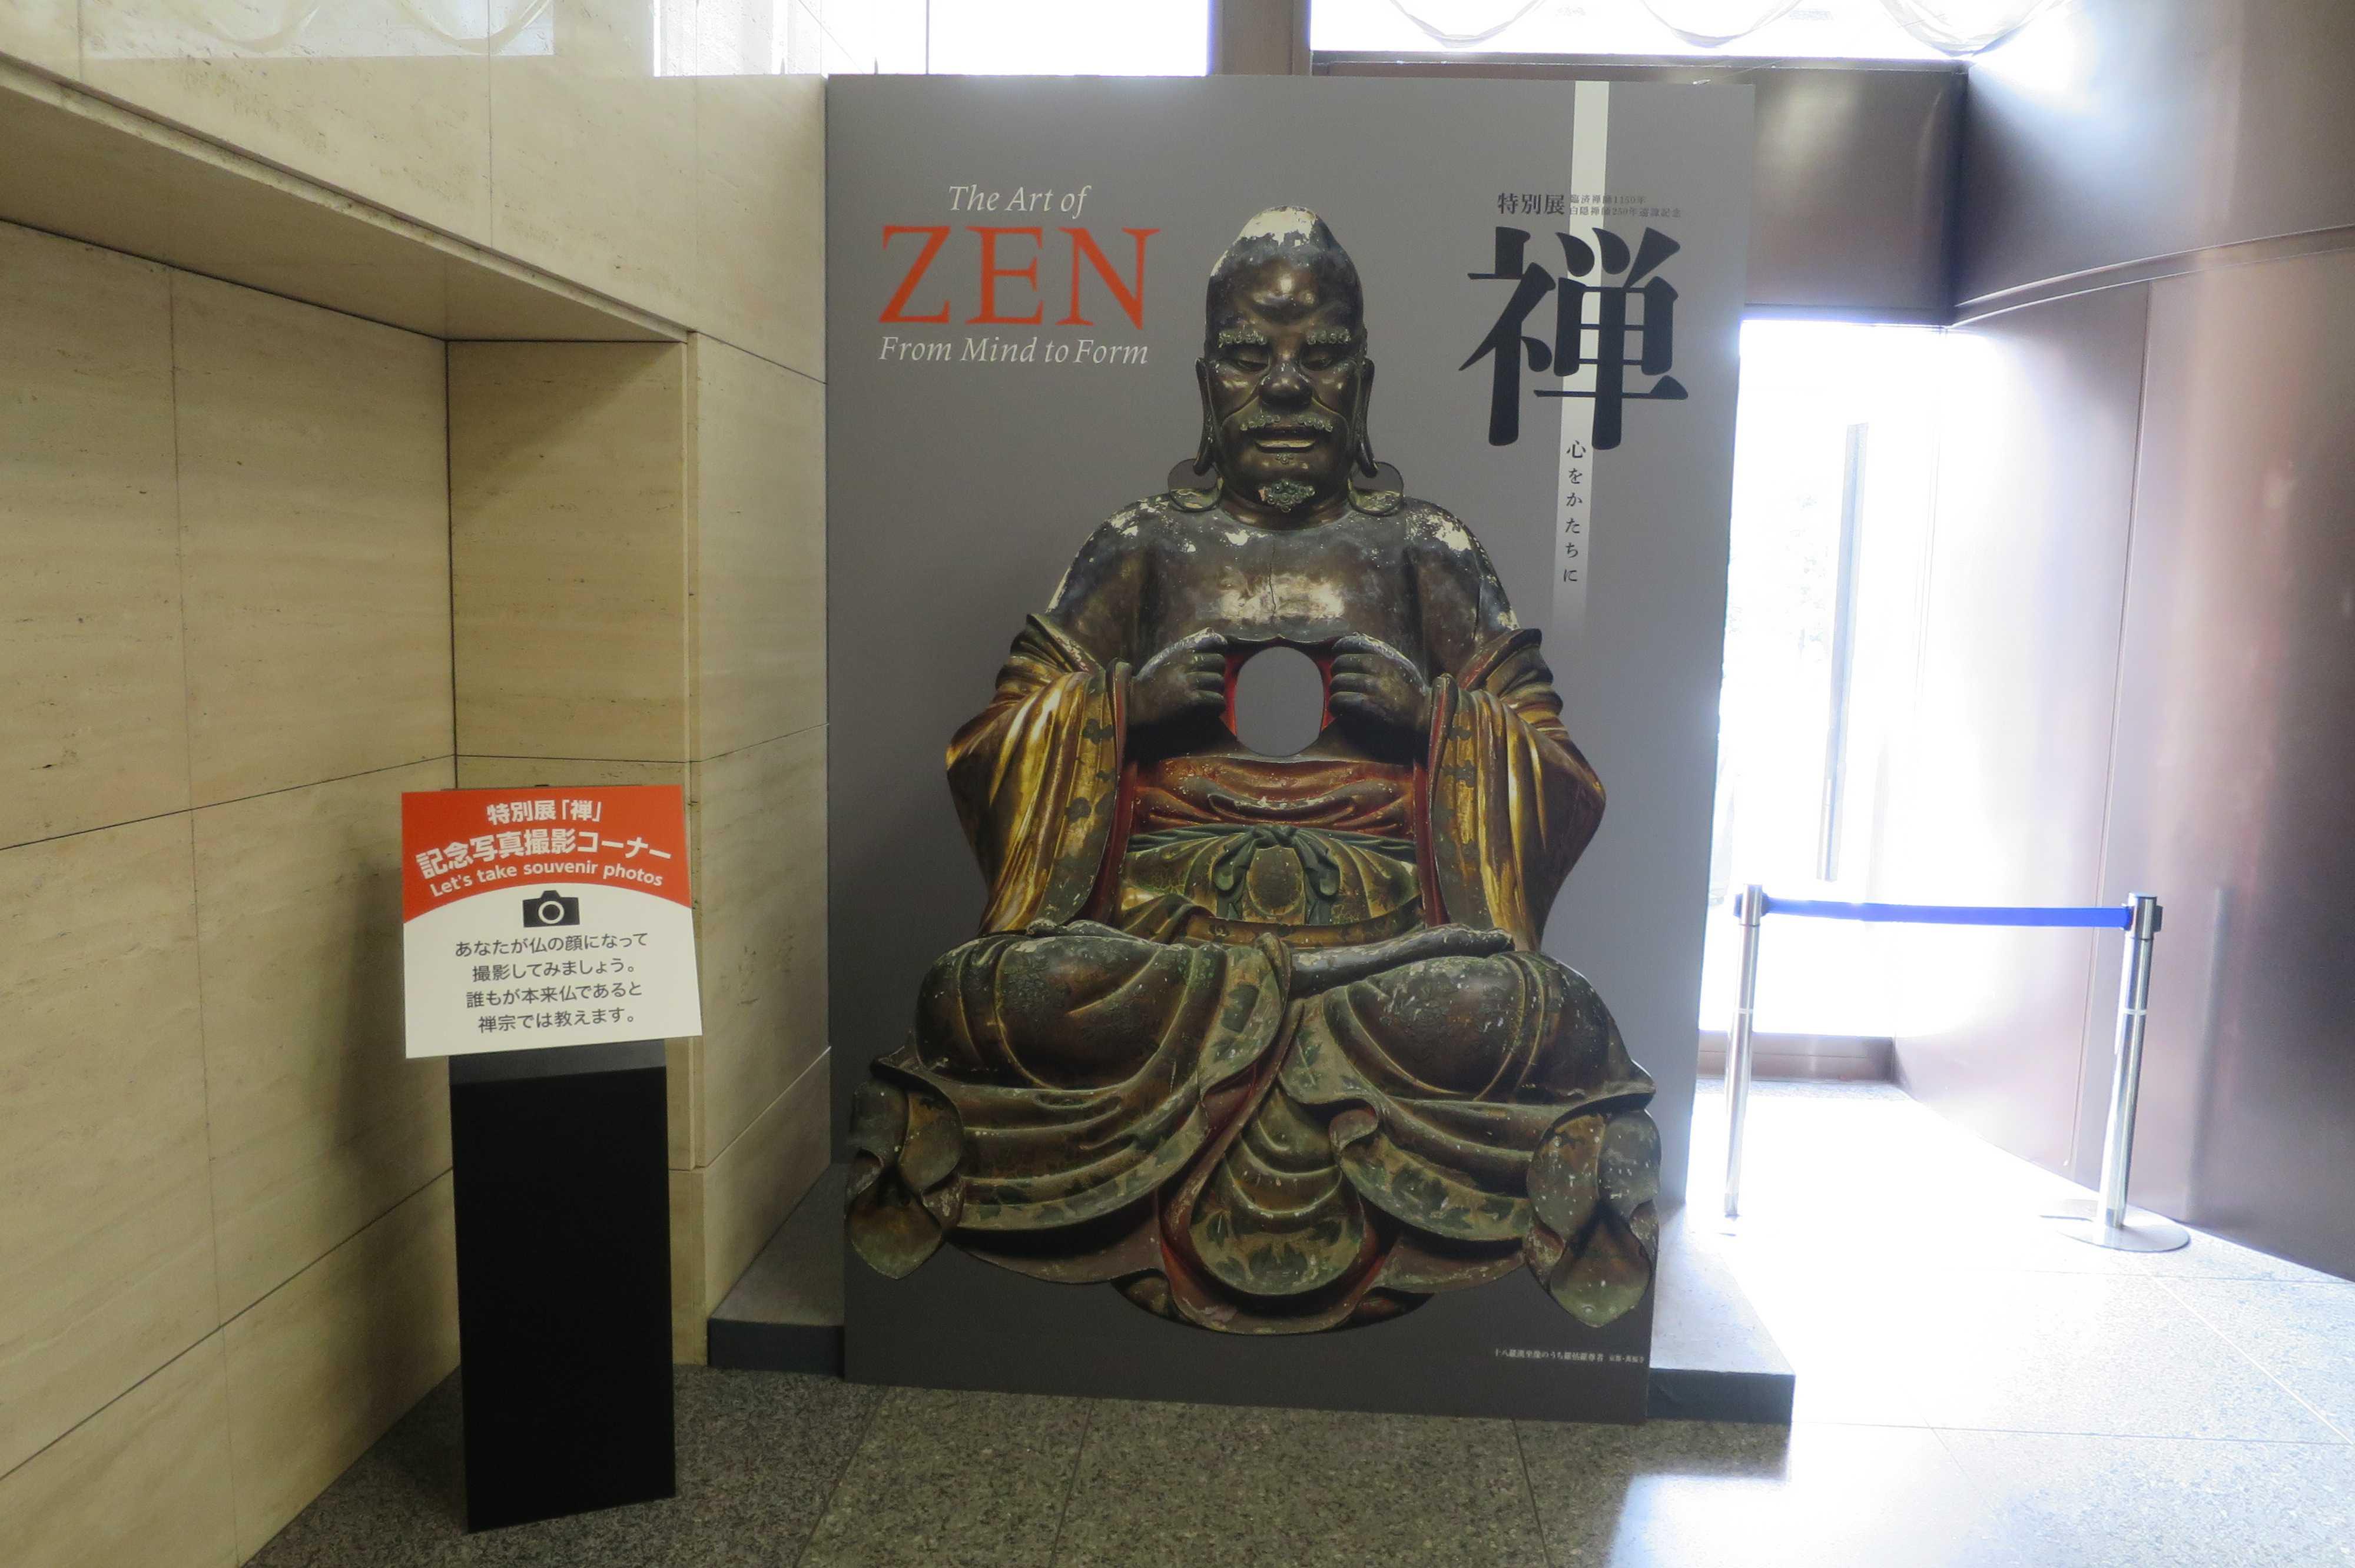 特別展「禅/ZEN」の顔ハメ看板